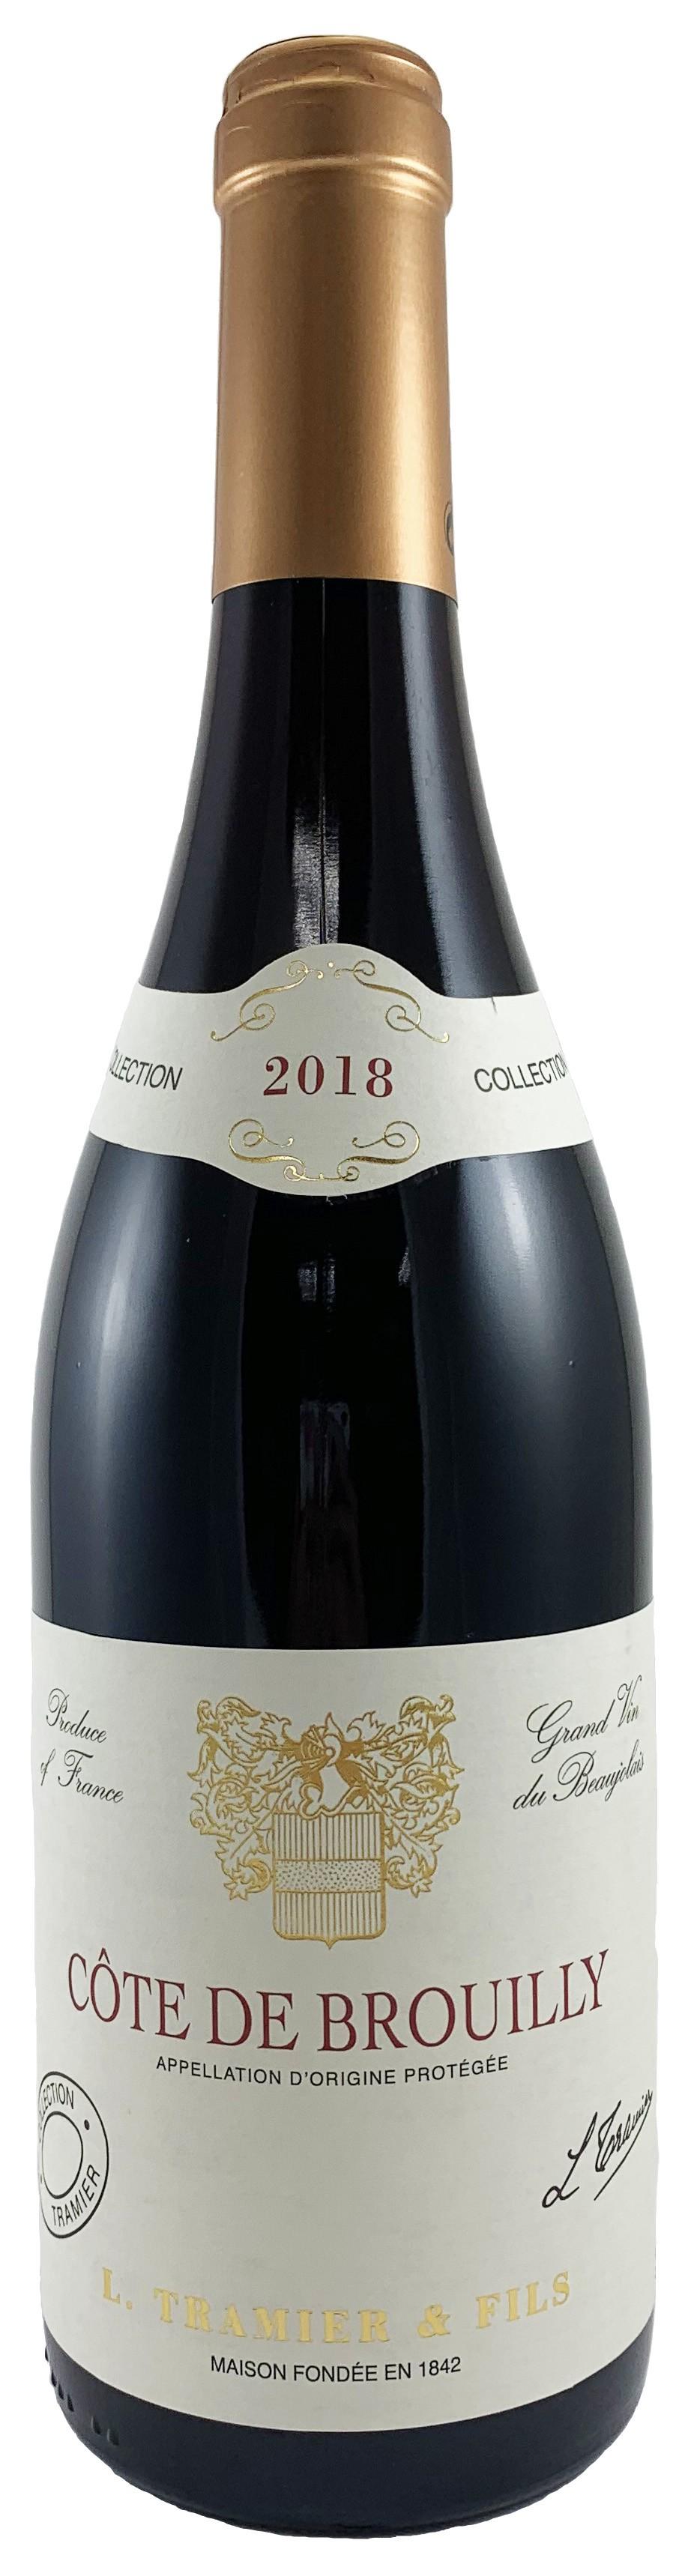 法國 鉈尼酒莊 布伊丘產區 特級紅葡萄酒2018